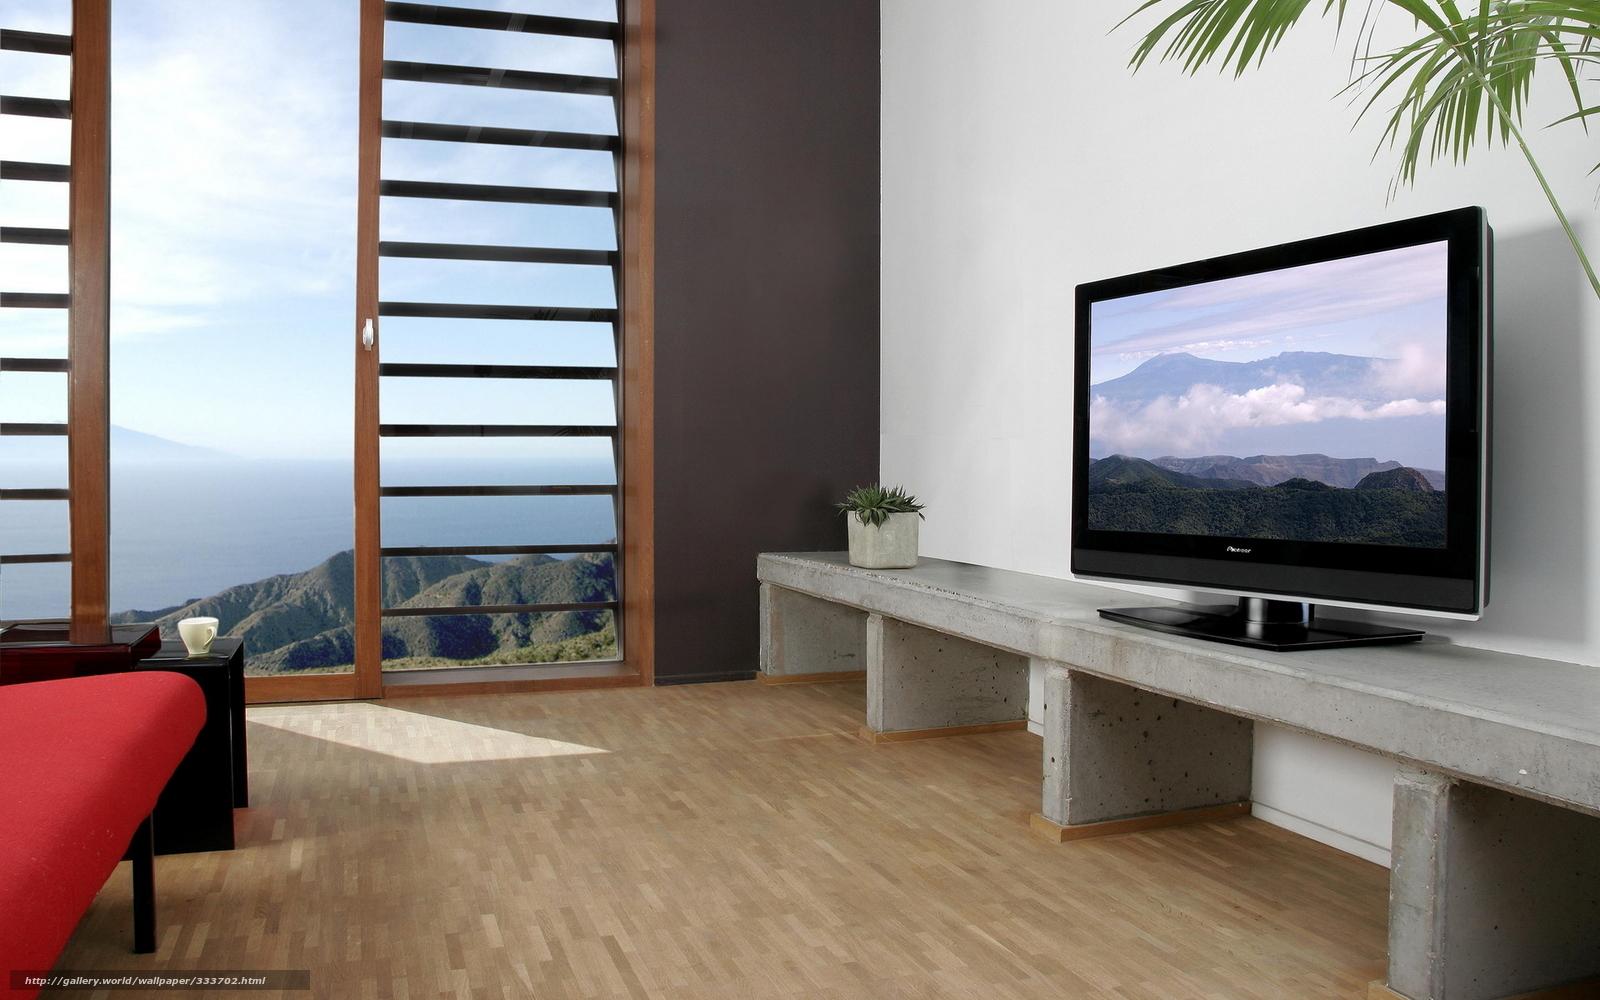 Дизайн стиль телевизор диван окно